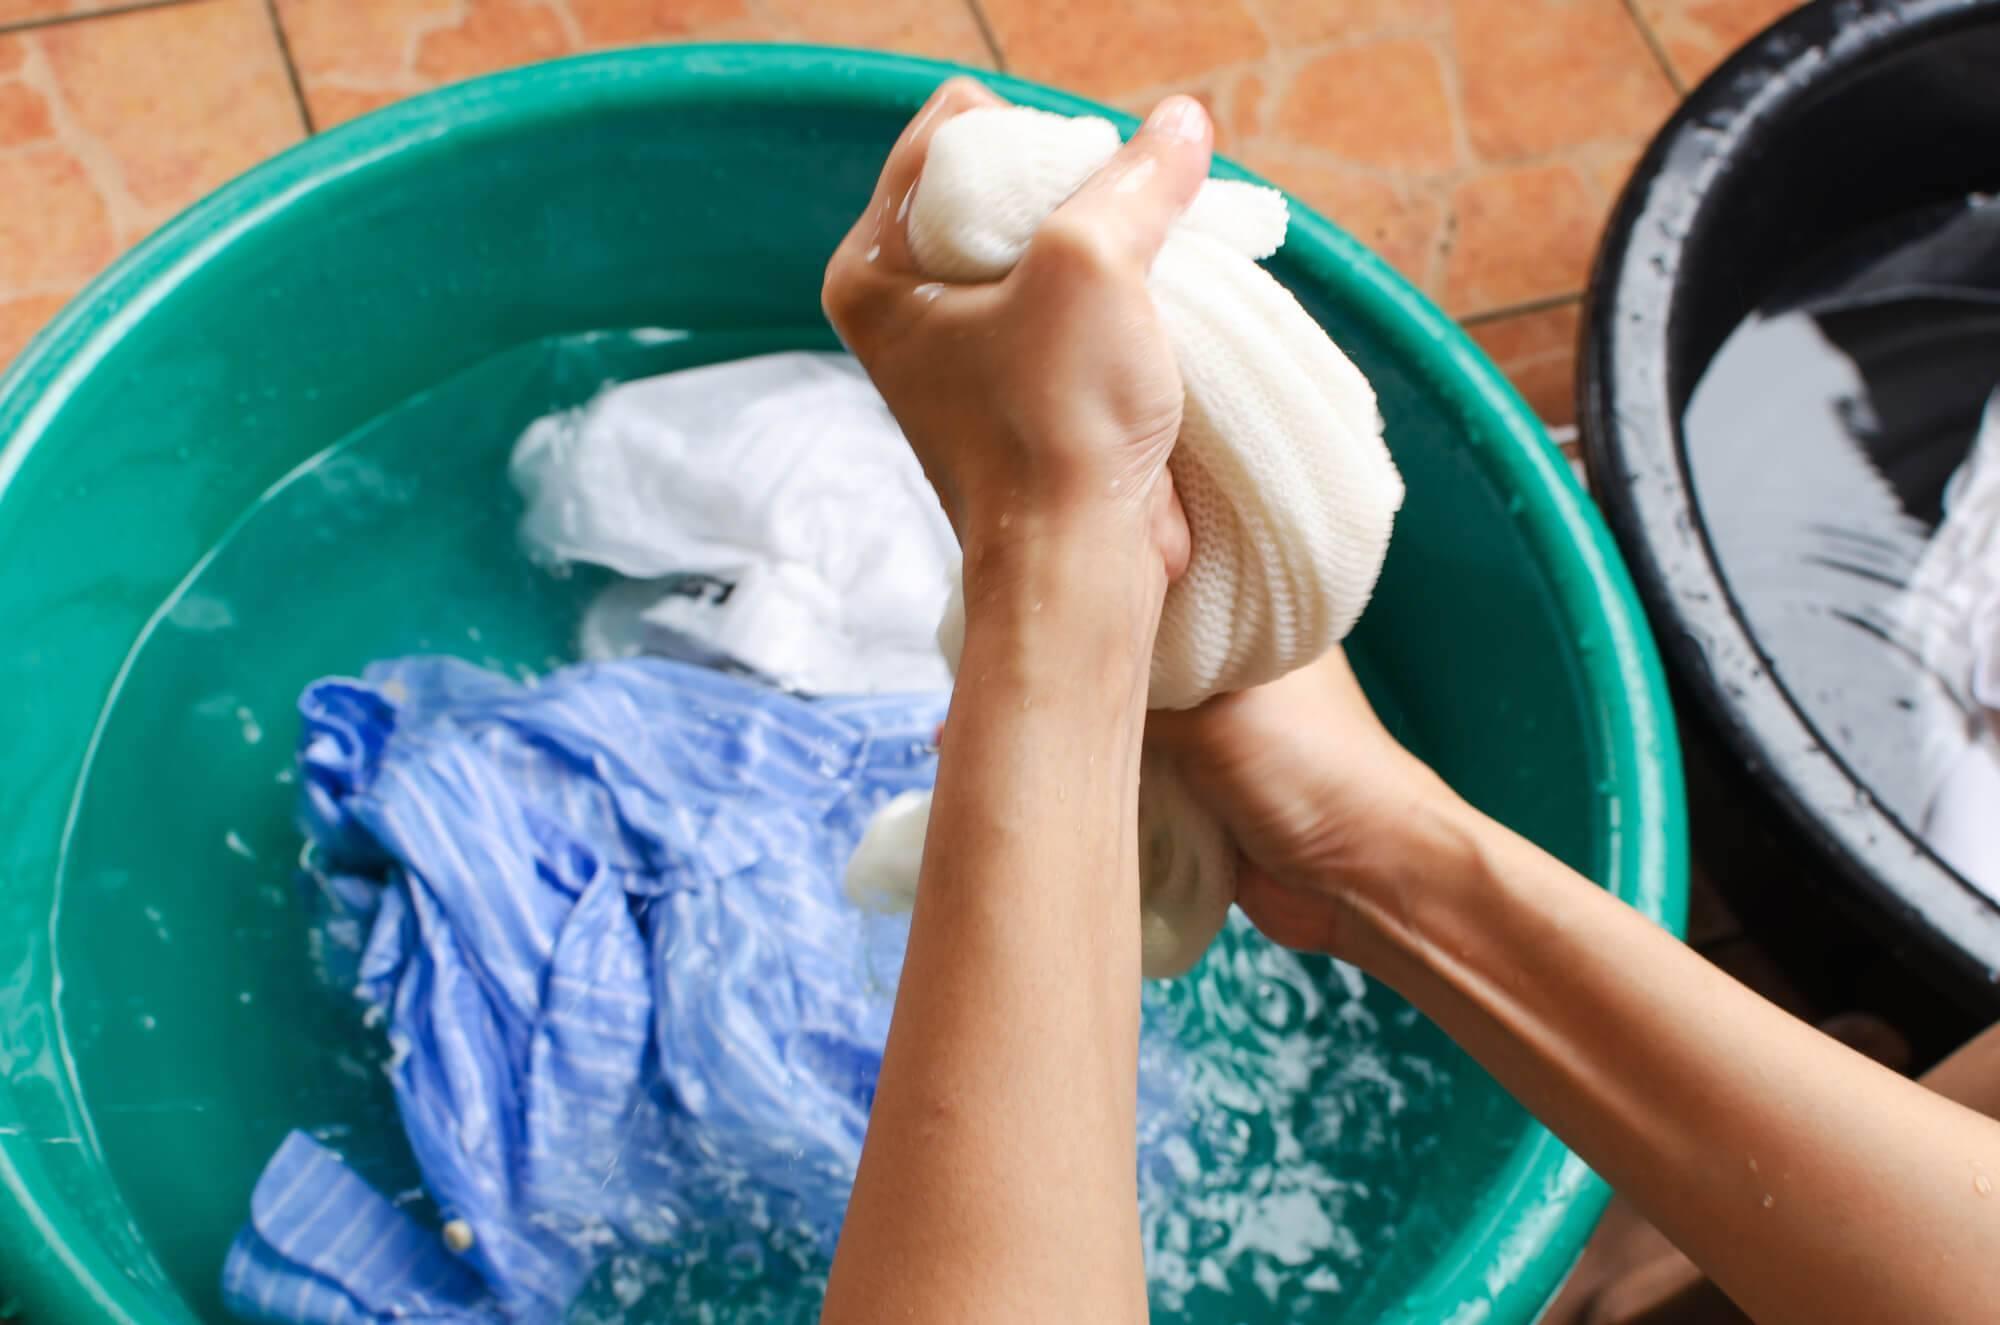 Как избавиться от неприятного запаха полотенец легко и быстро